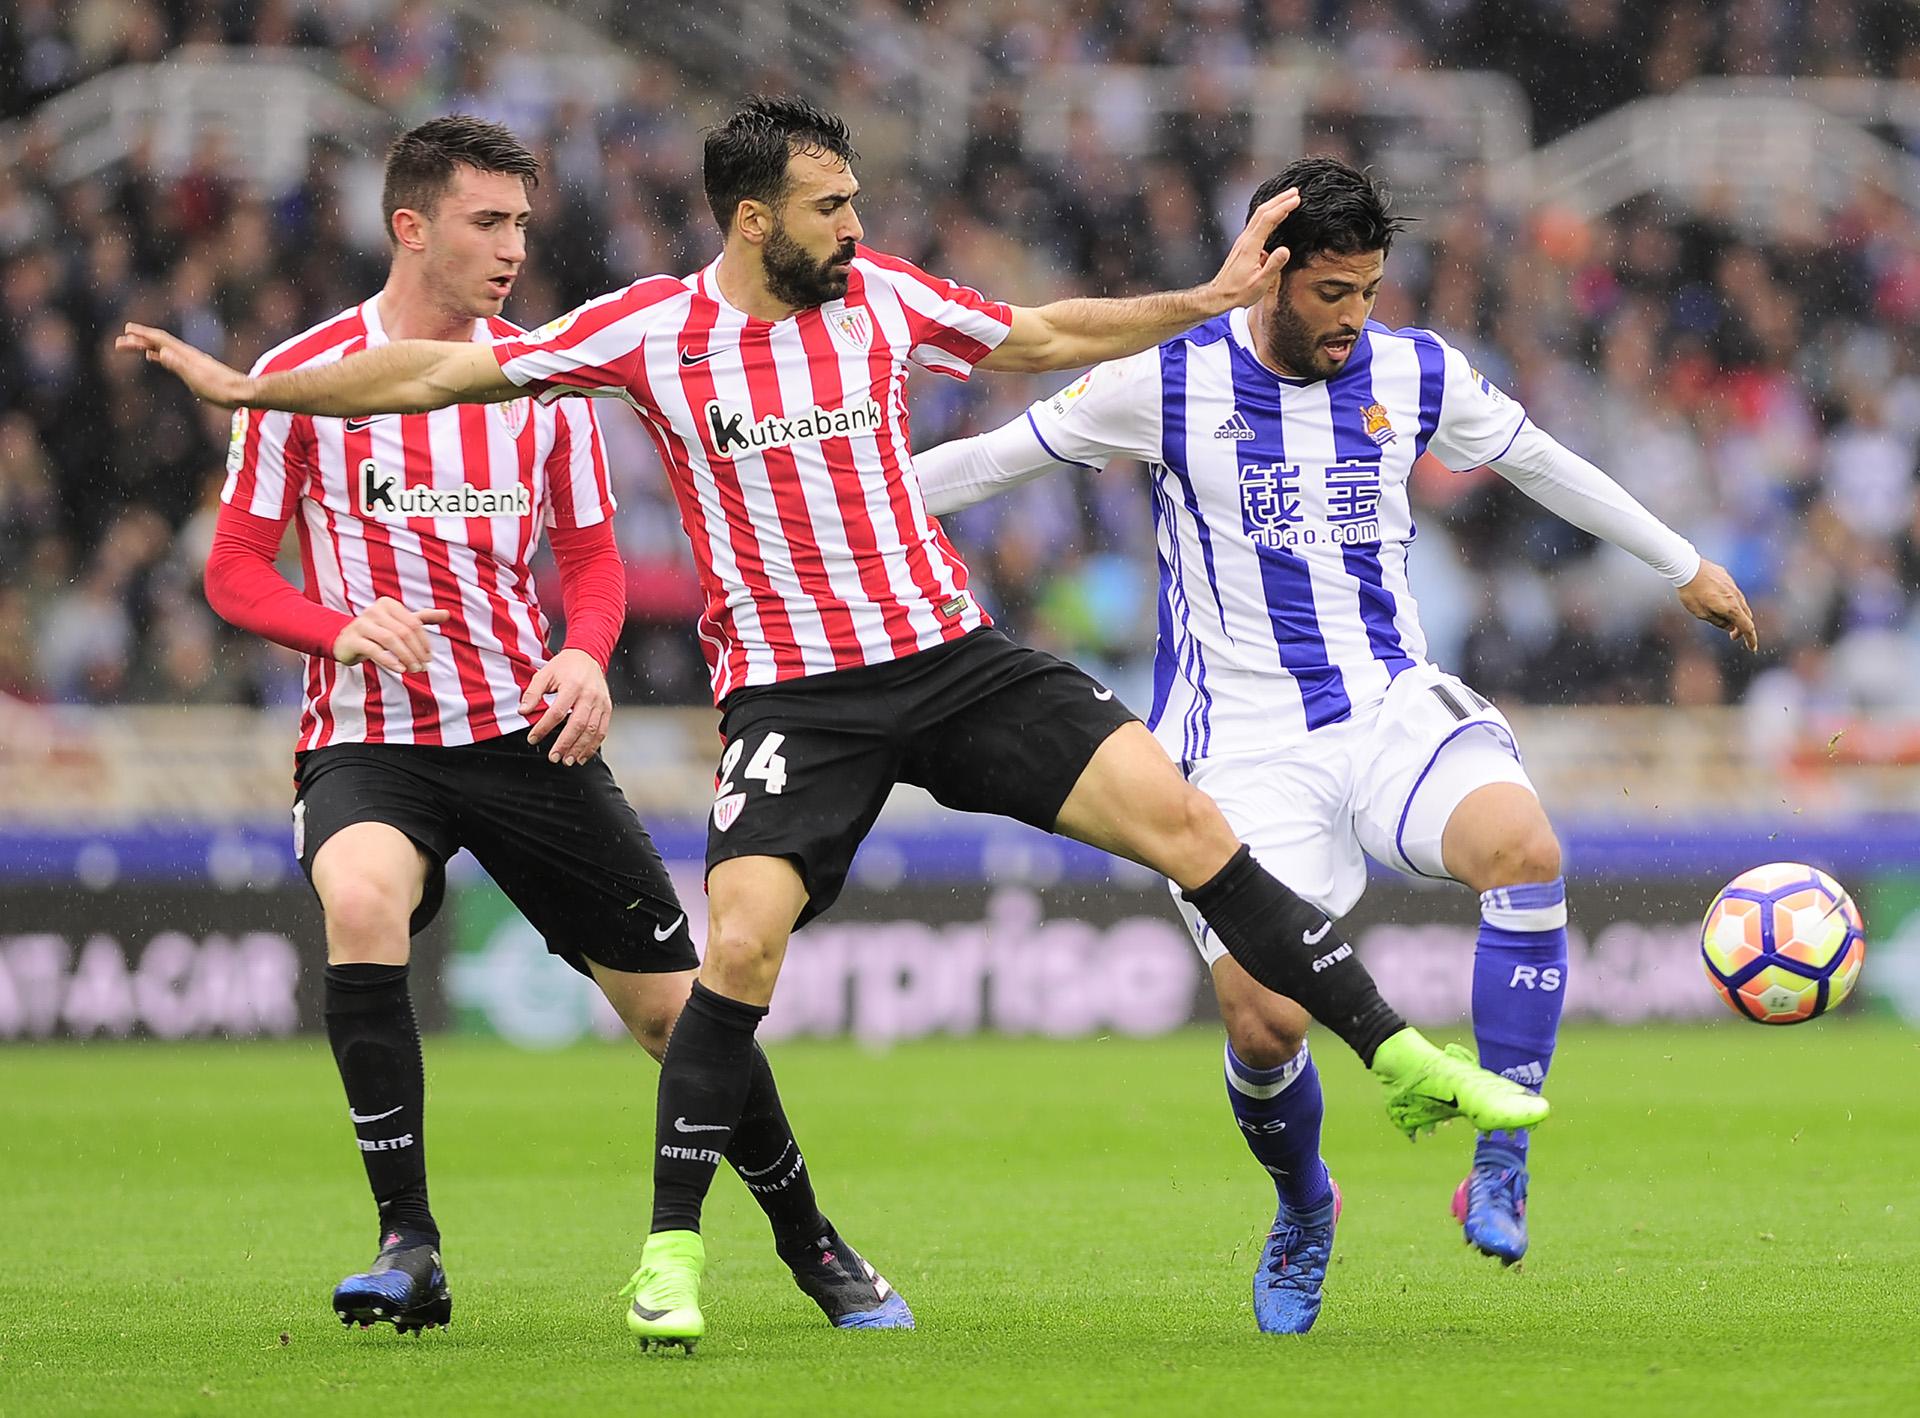 La Real Sociedad rendirá homenaje a Carlos Vela en su último partido